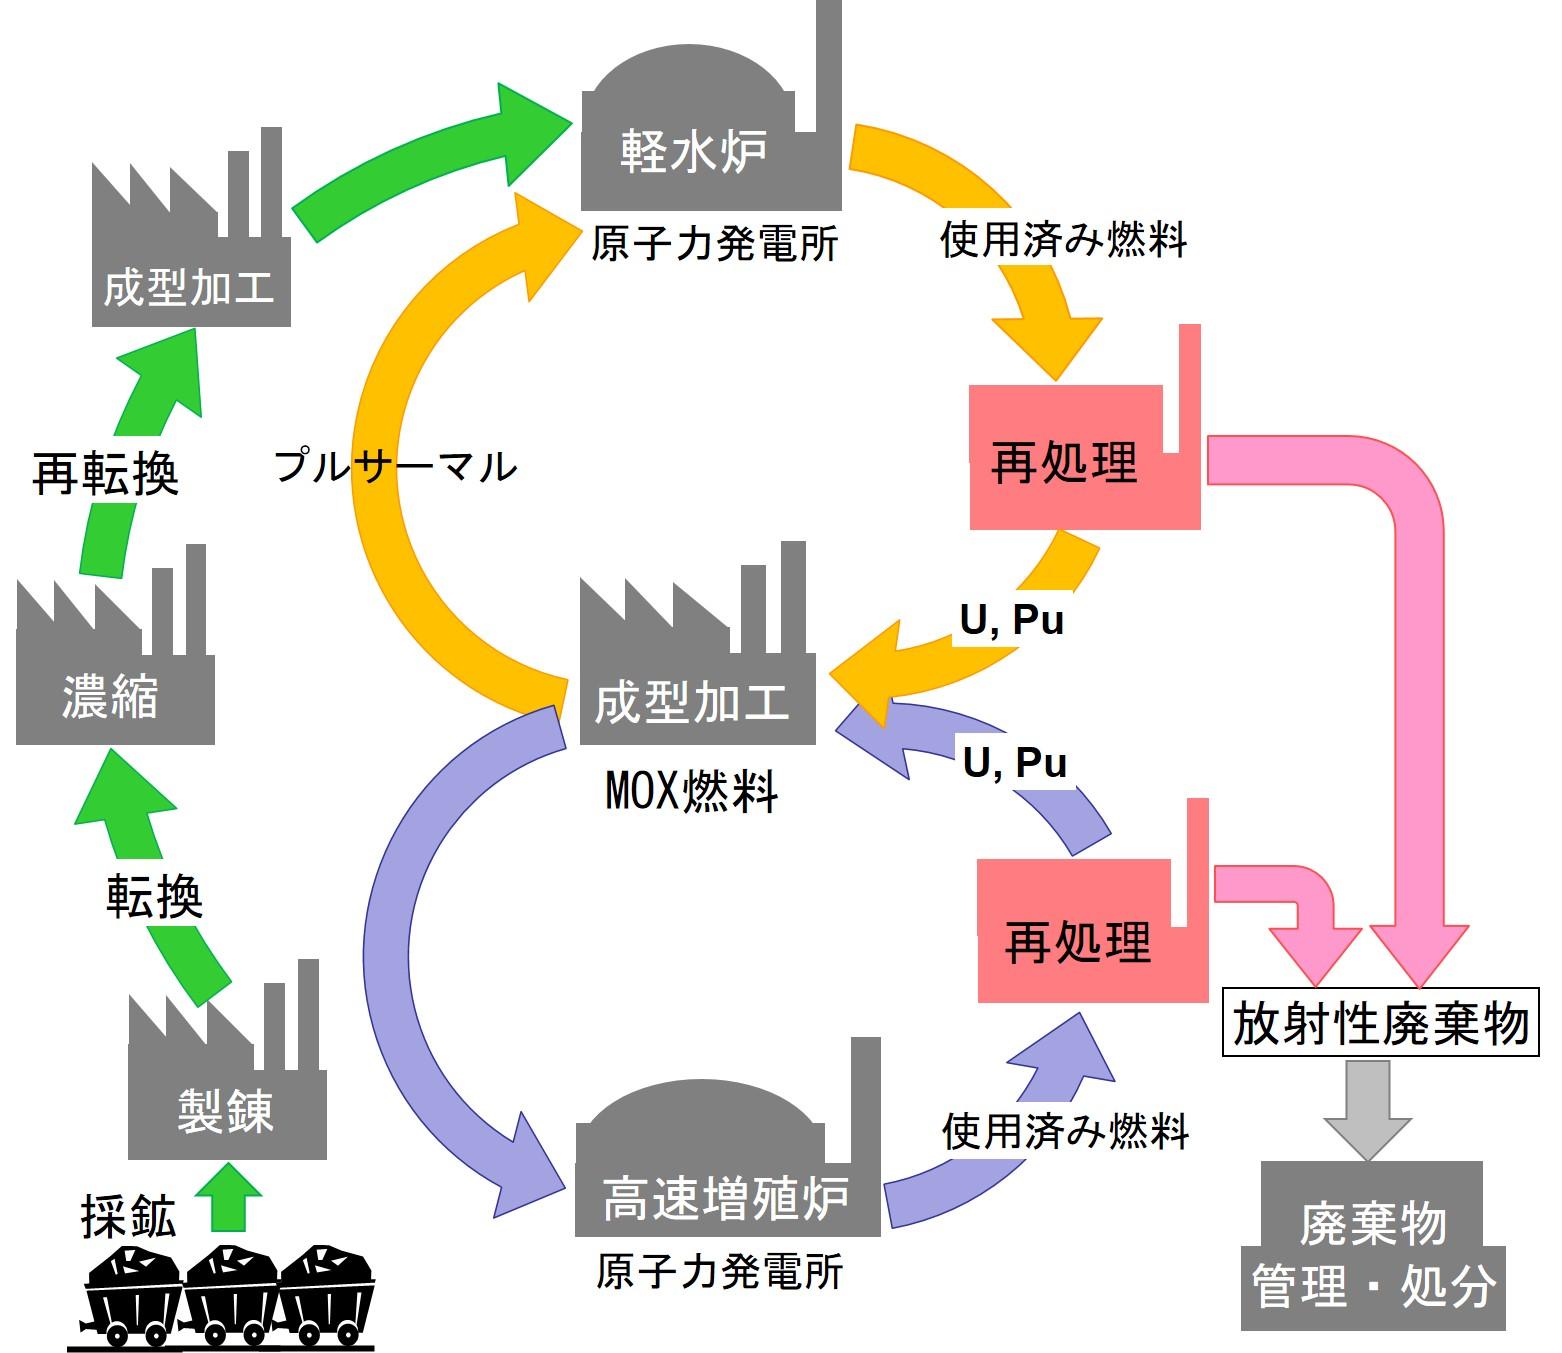 使用済み核燃料をリサイクルするための分離化学